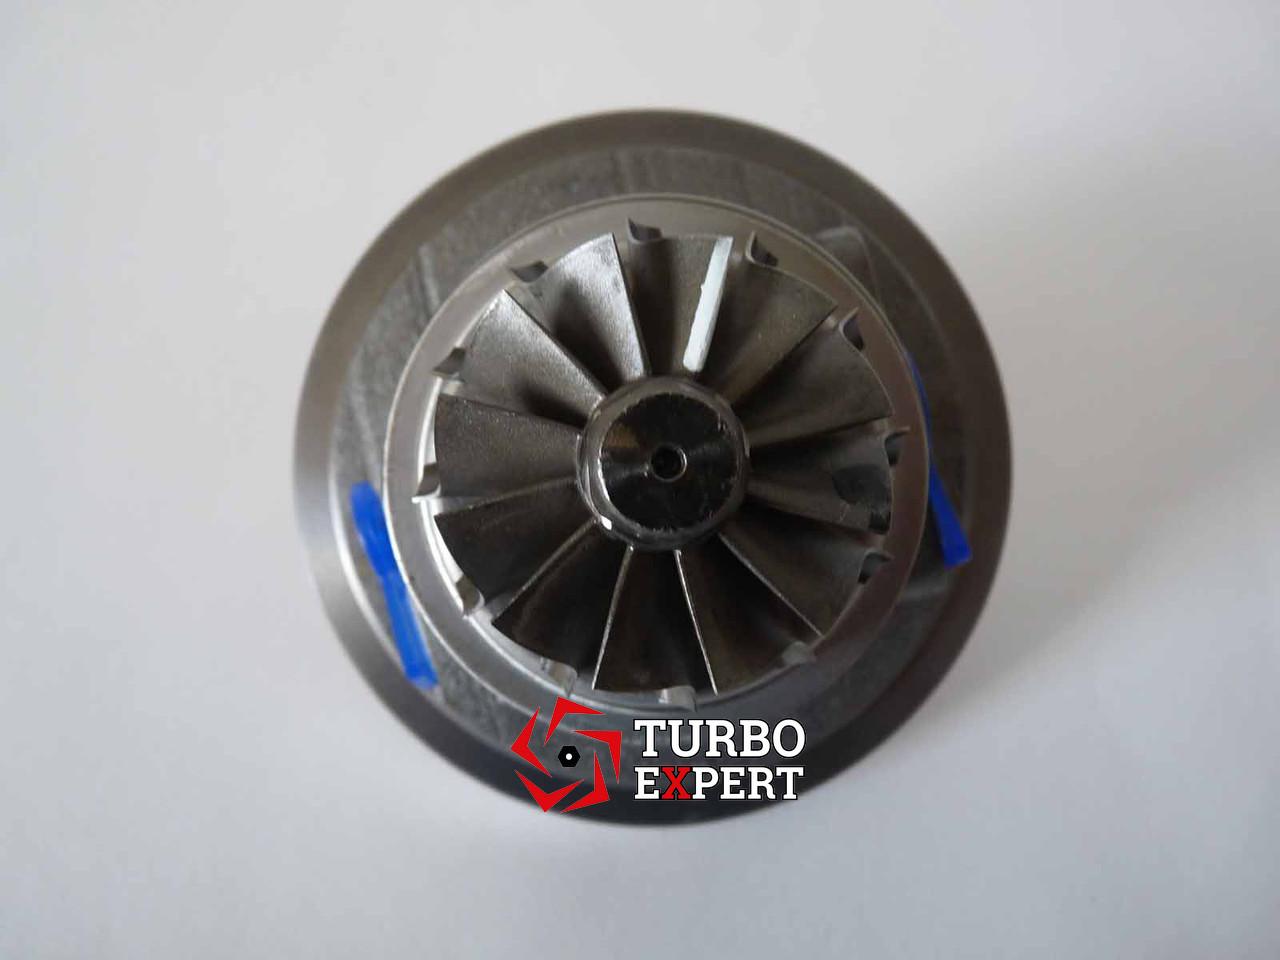 070-130-042 Картридж турбины MB, OM646DE22LA, 2.2D, 6460900380, A6460900380